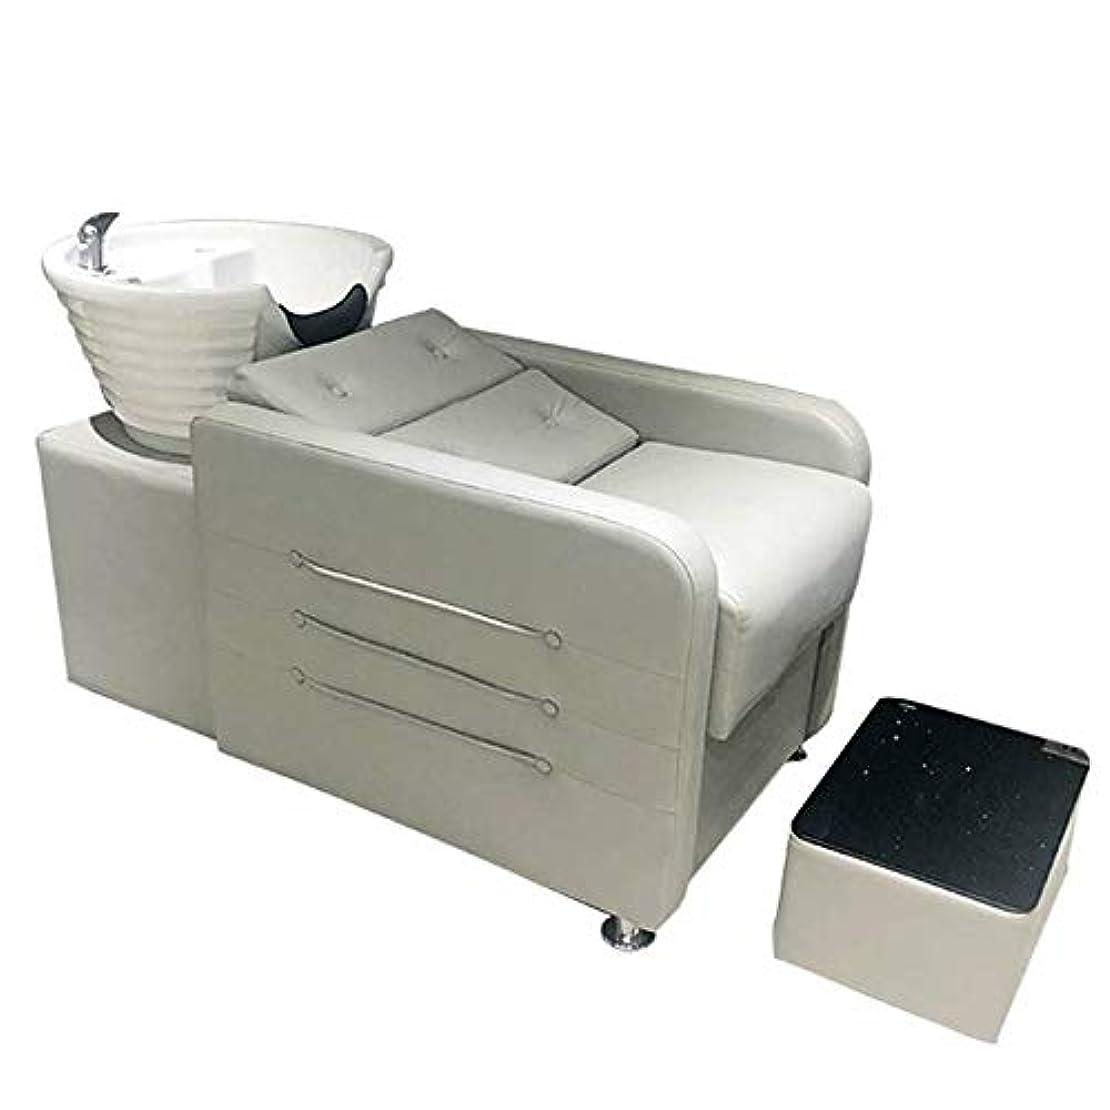 間違いなくダウンタウン接続シャンプーチェア、 逆洗ユニットシャンプーボウル理髪シンク椅子用スパビューティーサロンフラッシュベッド(グレー)